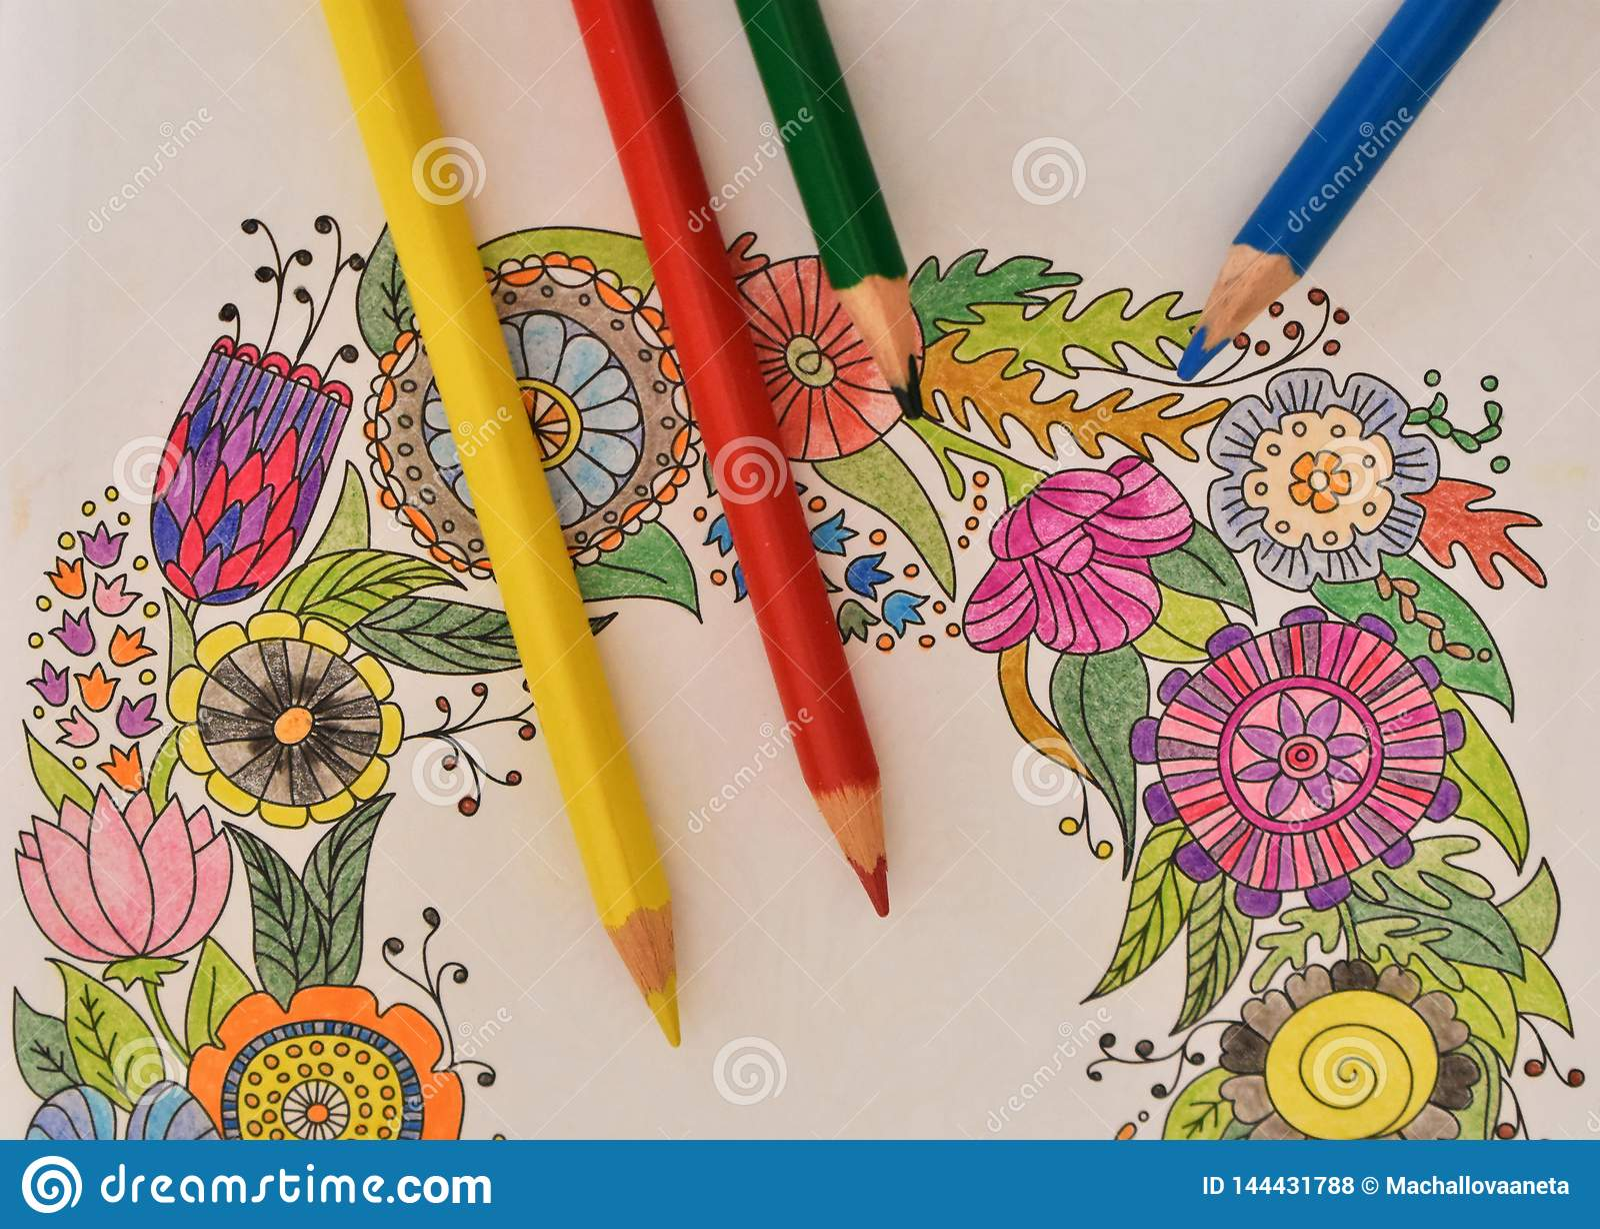 Viele farbigen Bleistifte auf dem Malbuch - bunter Regenbogen